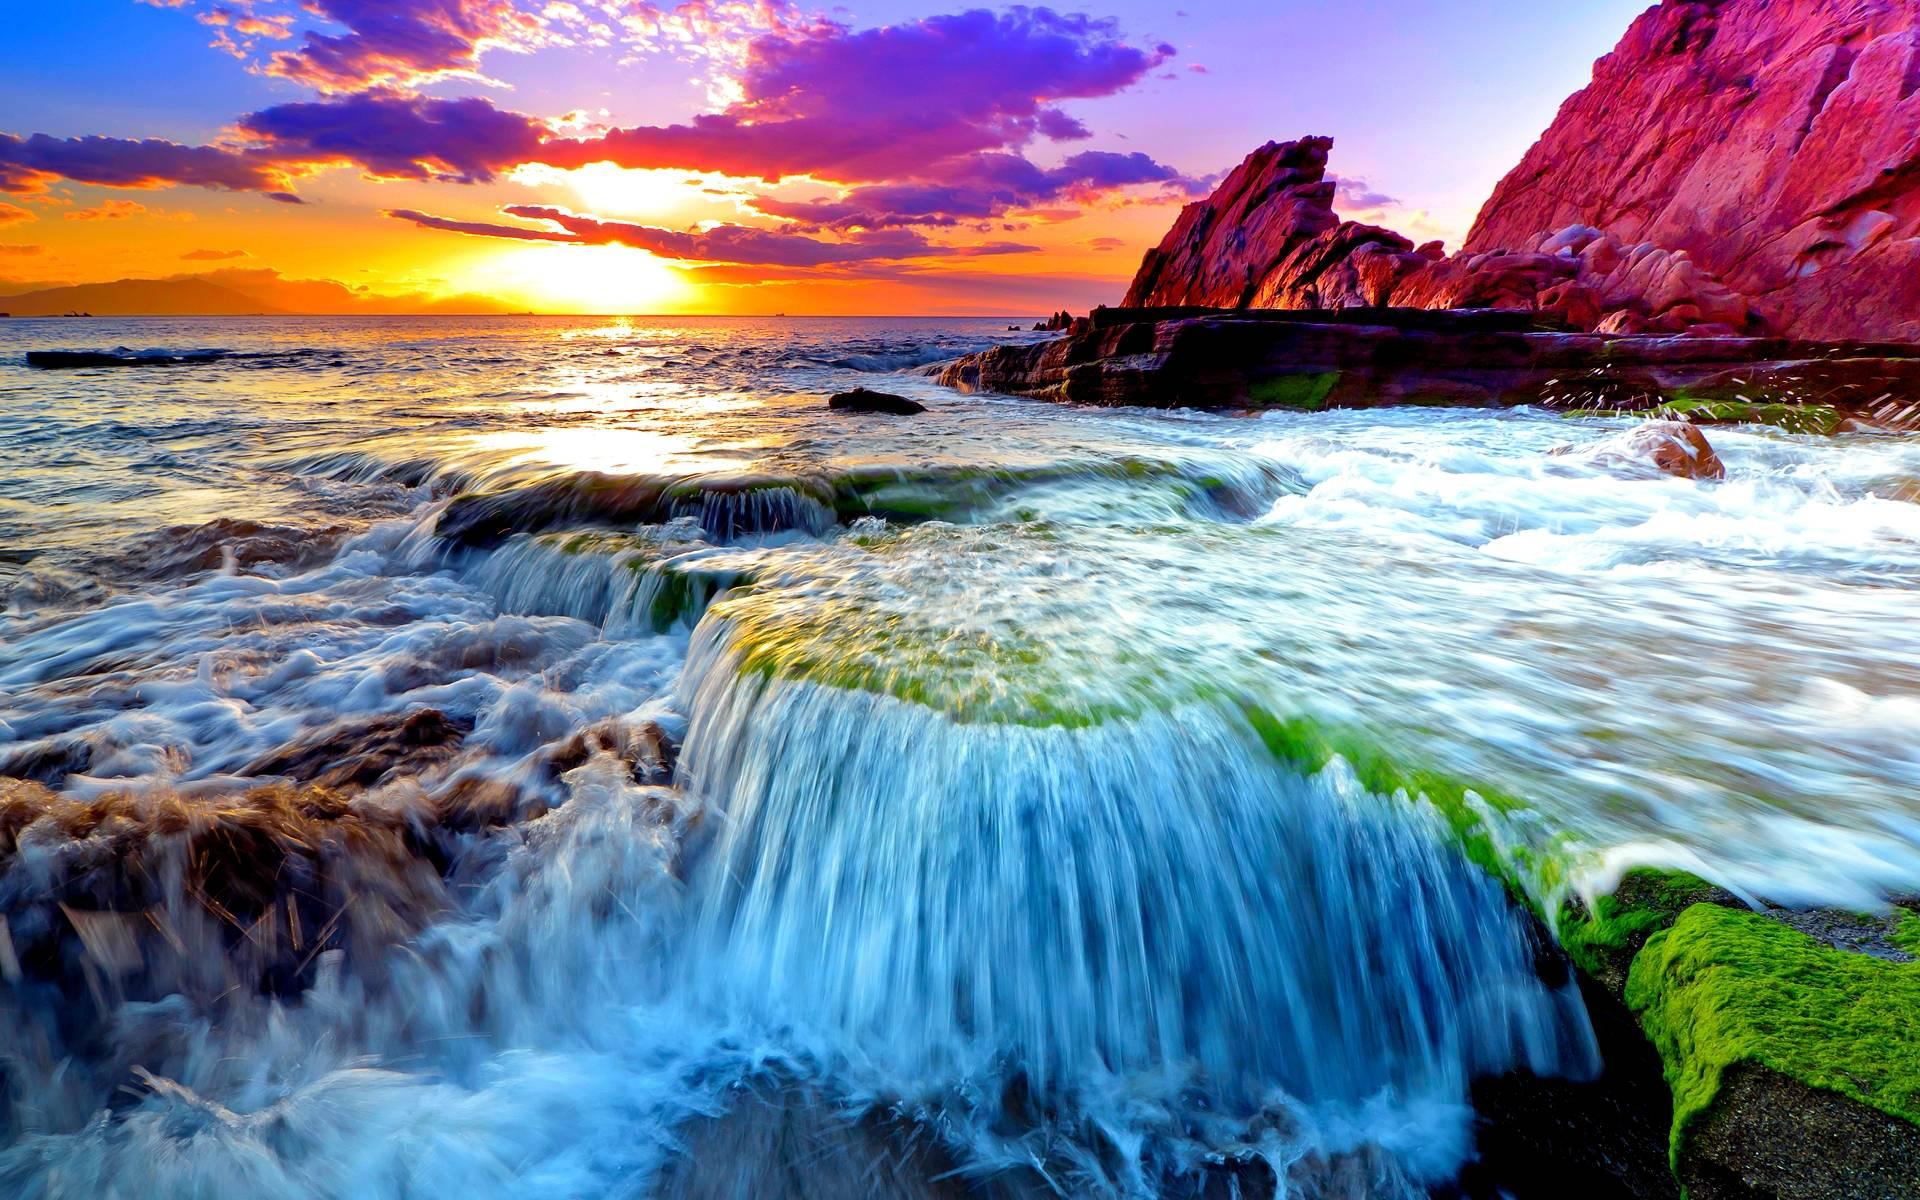 pix for ocean scenes wallpaper